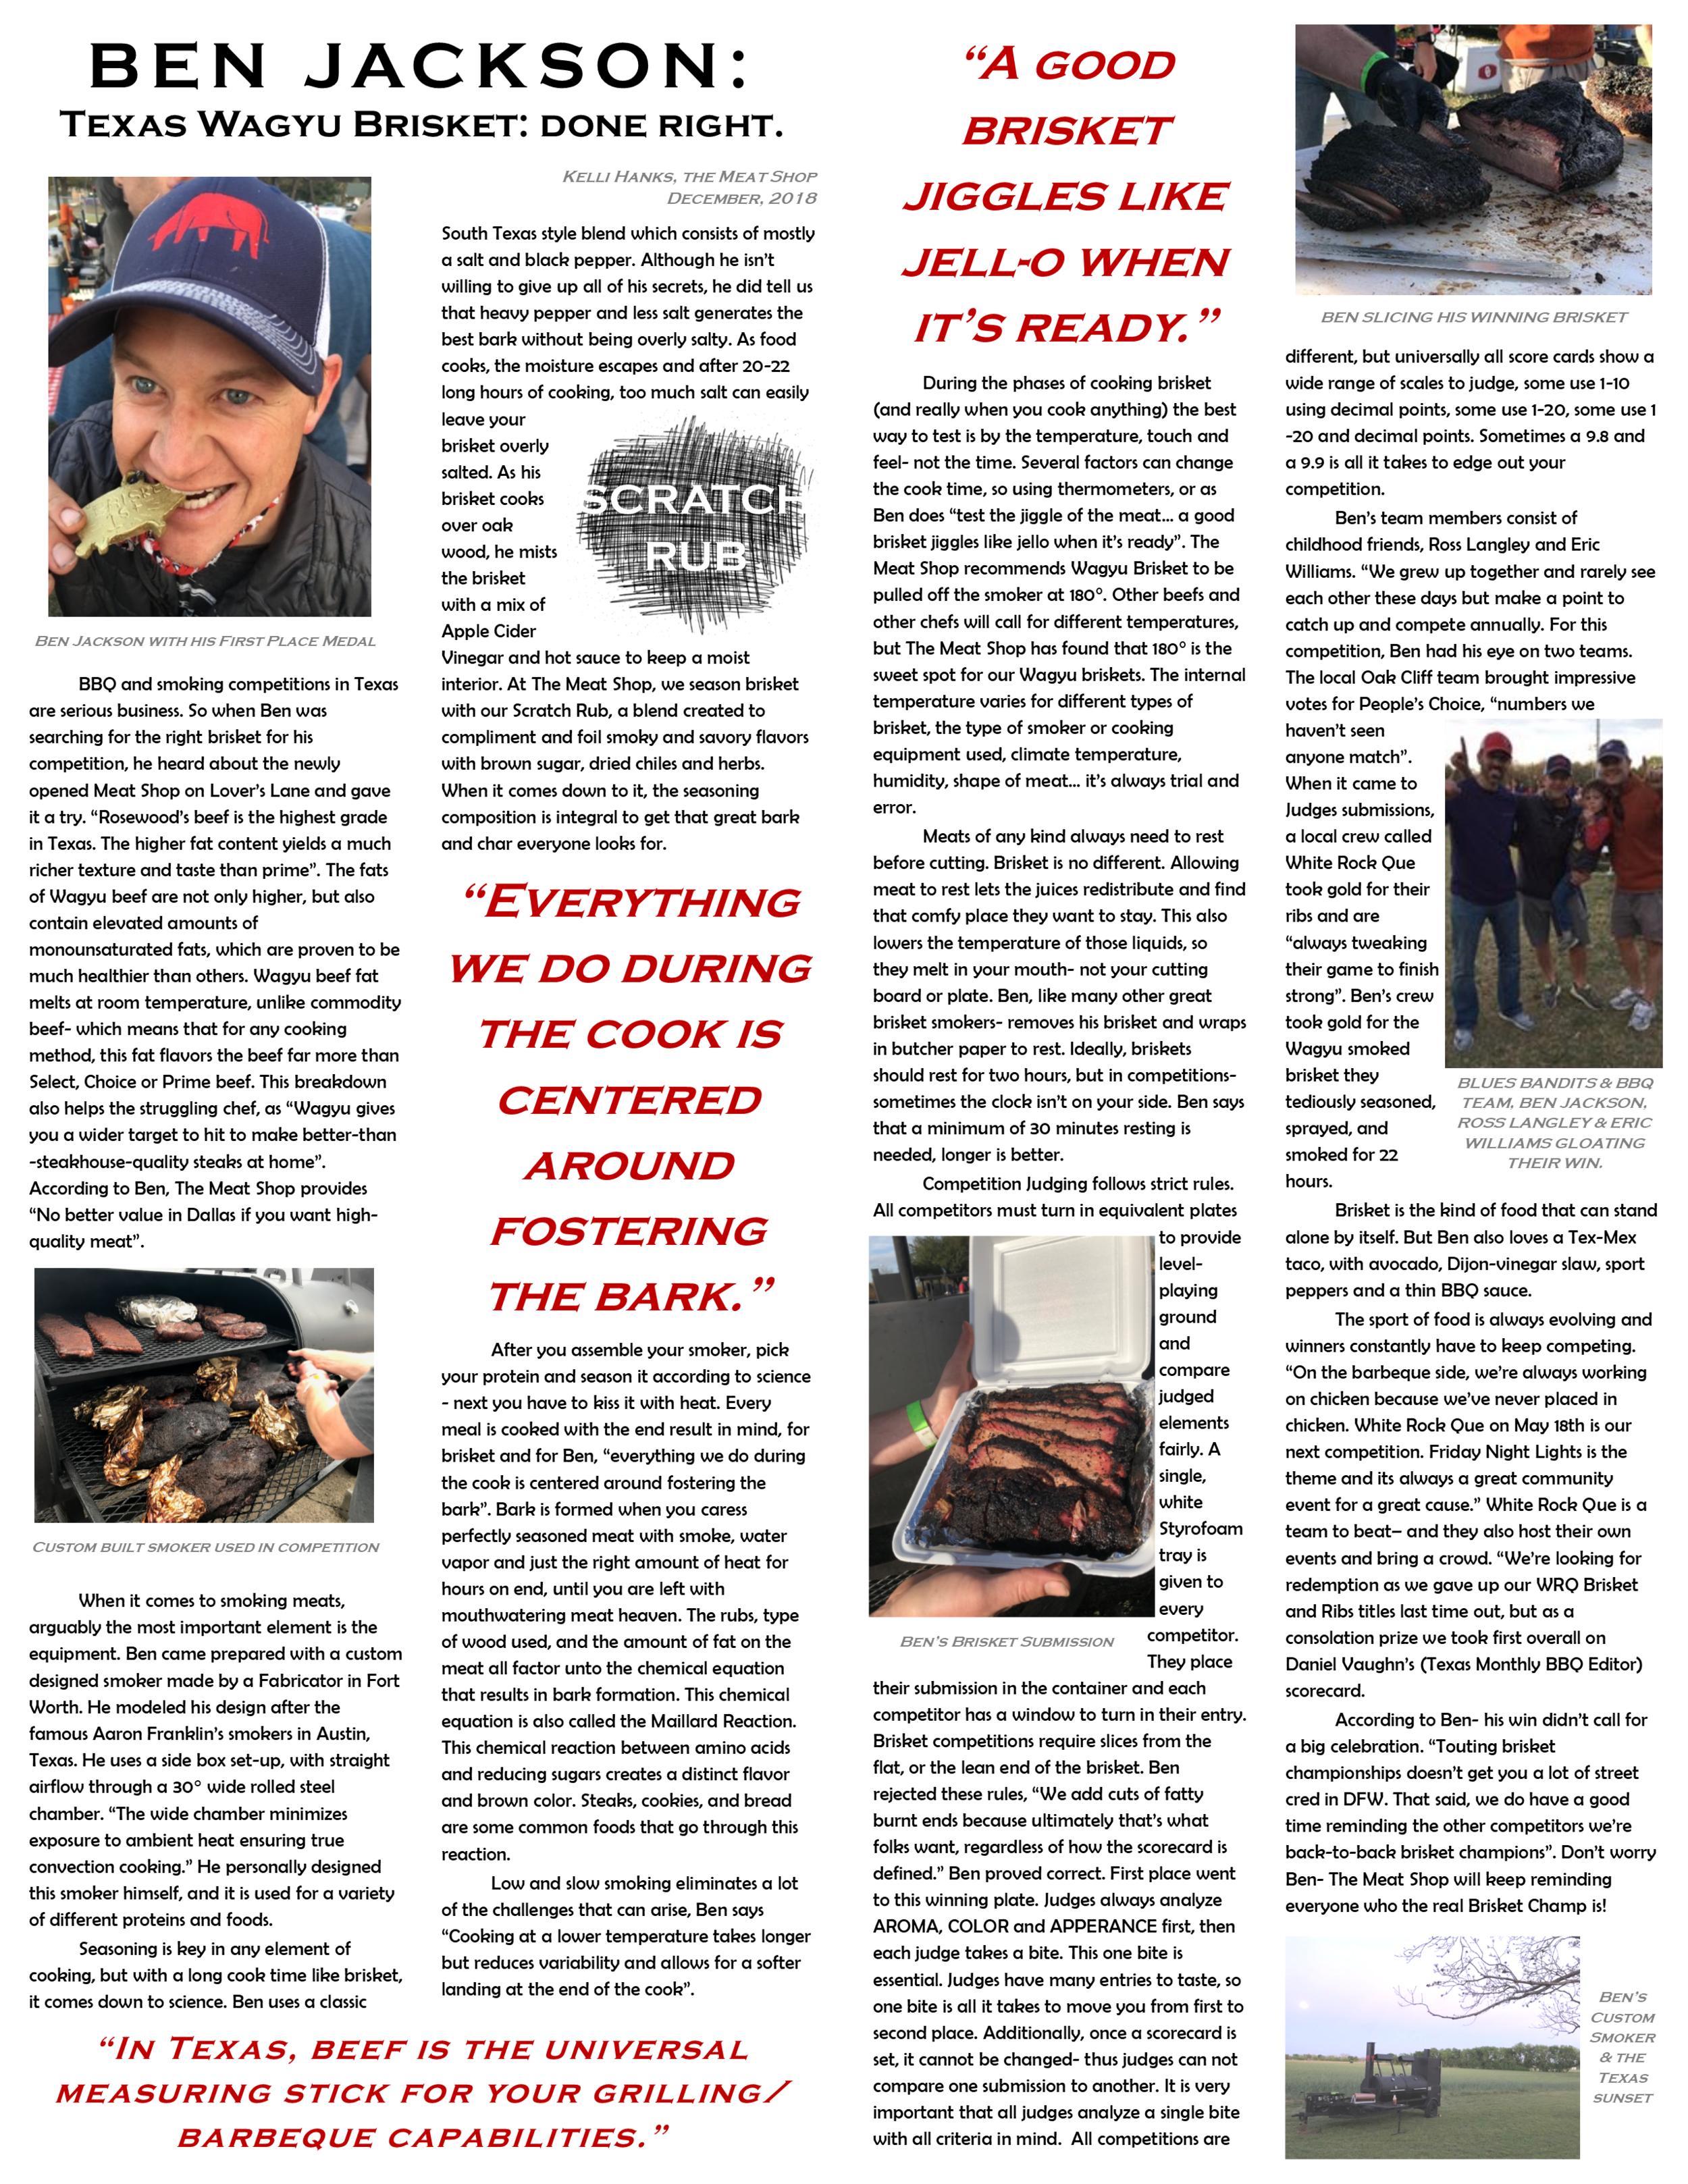 Ben Jackson Brisket Article June Update.png